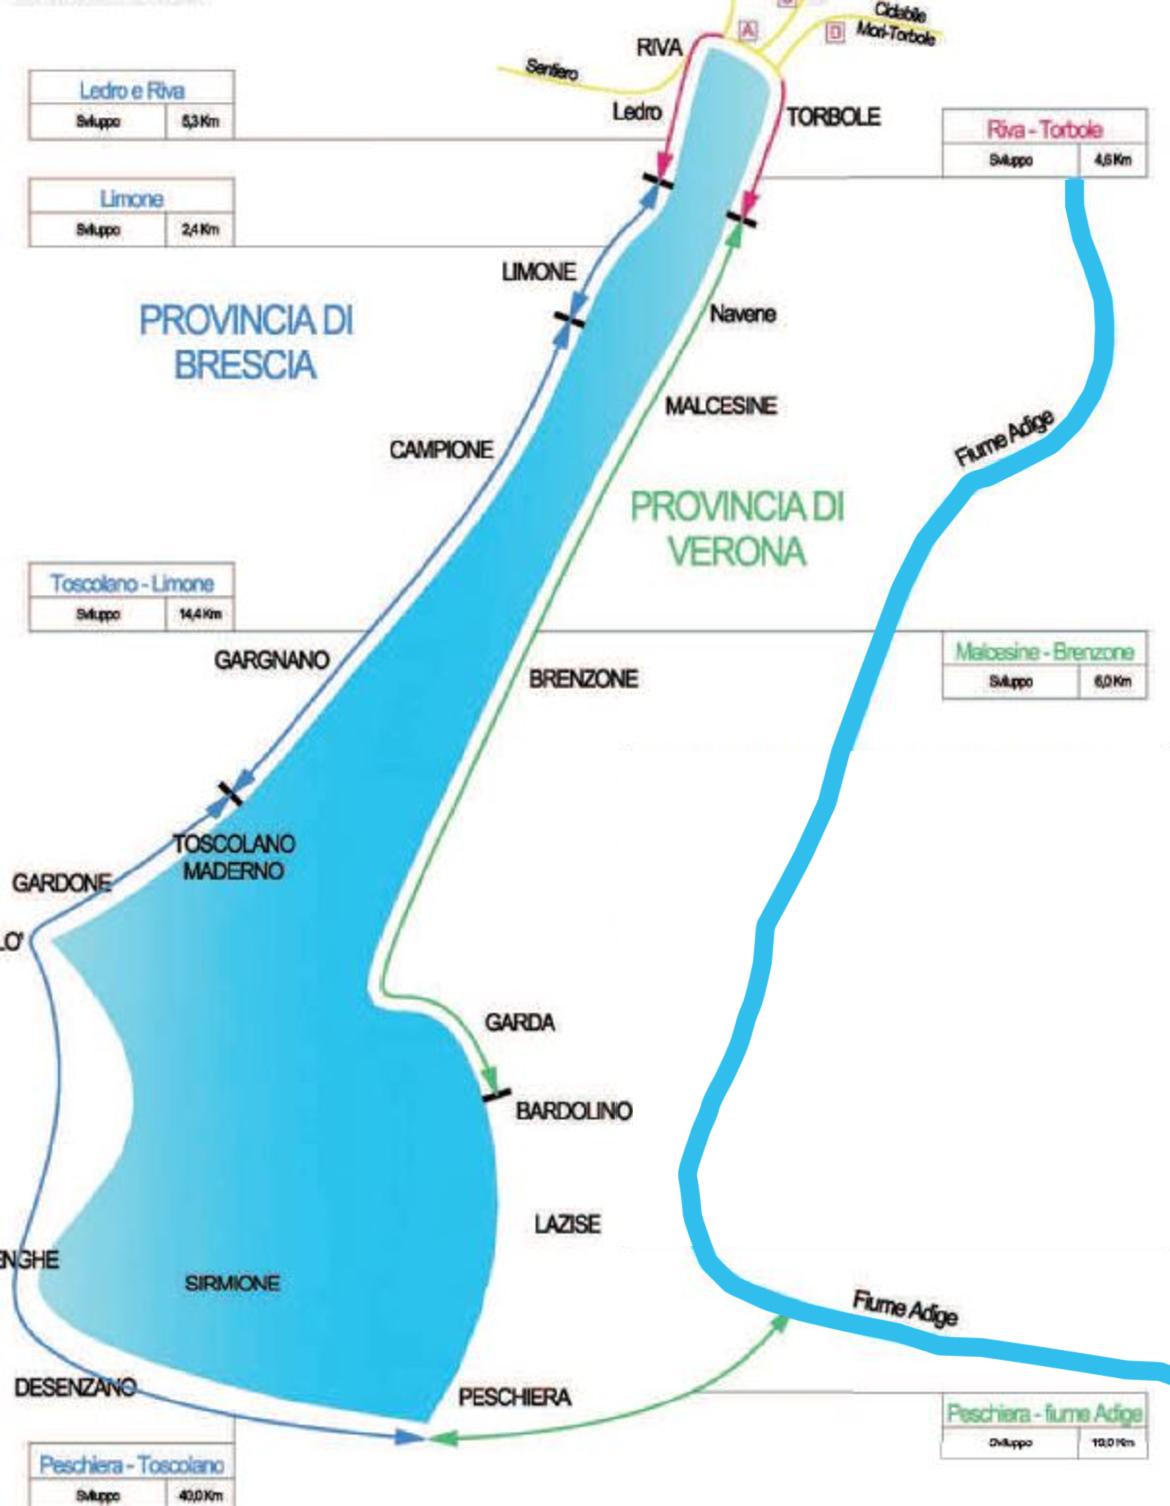 Cartina Lago Di Garda E Dintorni.Garda By Bike Una Pista Ciclabile Sulle Rive Del Lago Di Garda